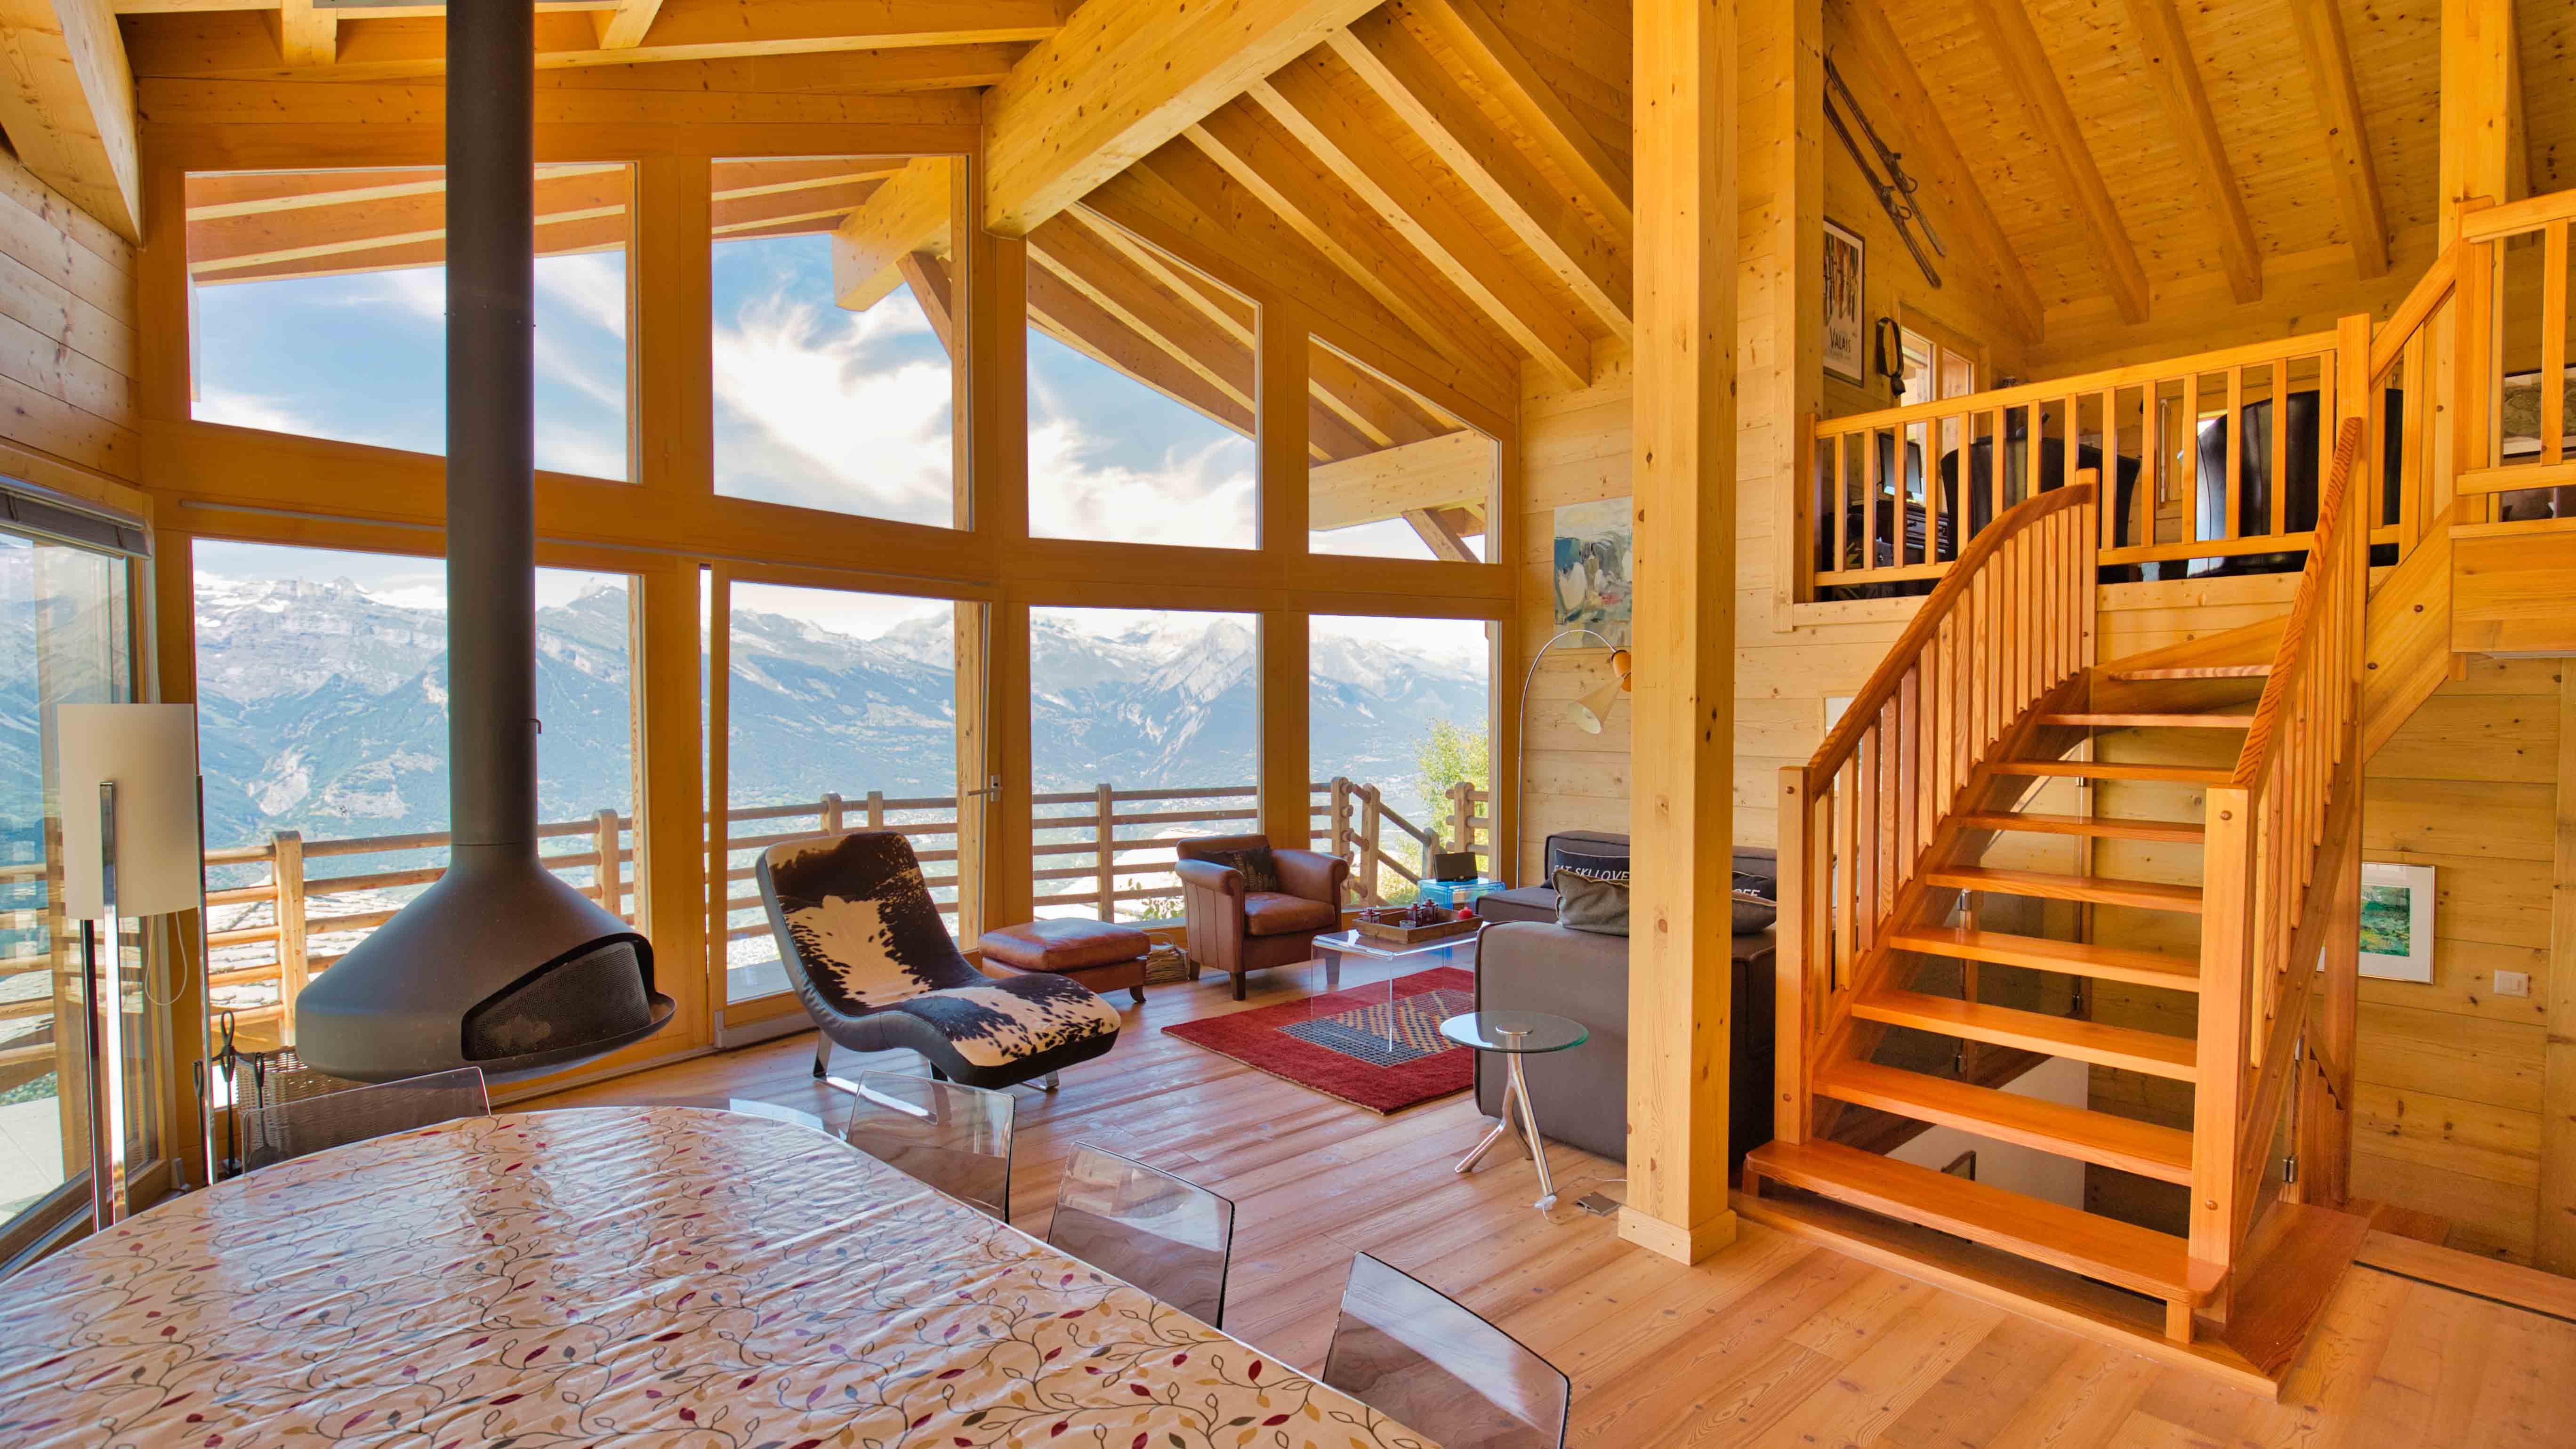 Chalet L Chalet, Switzerland